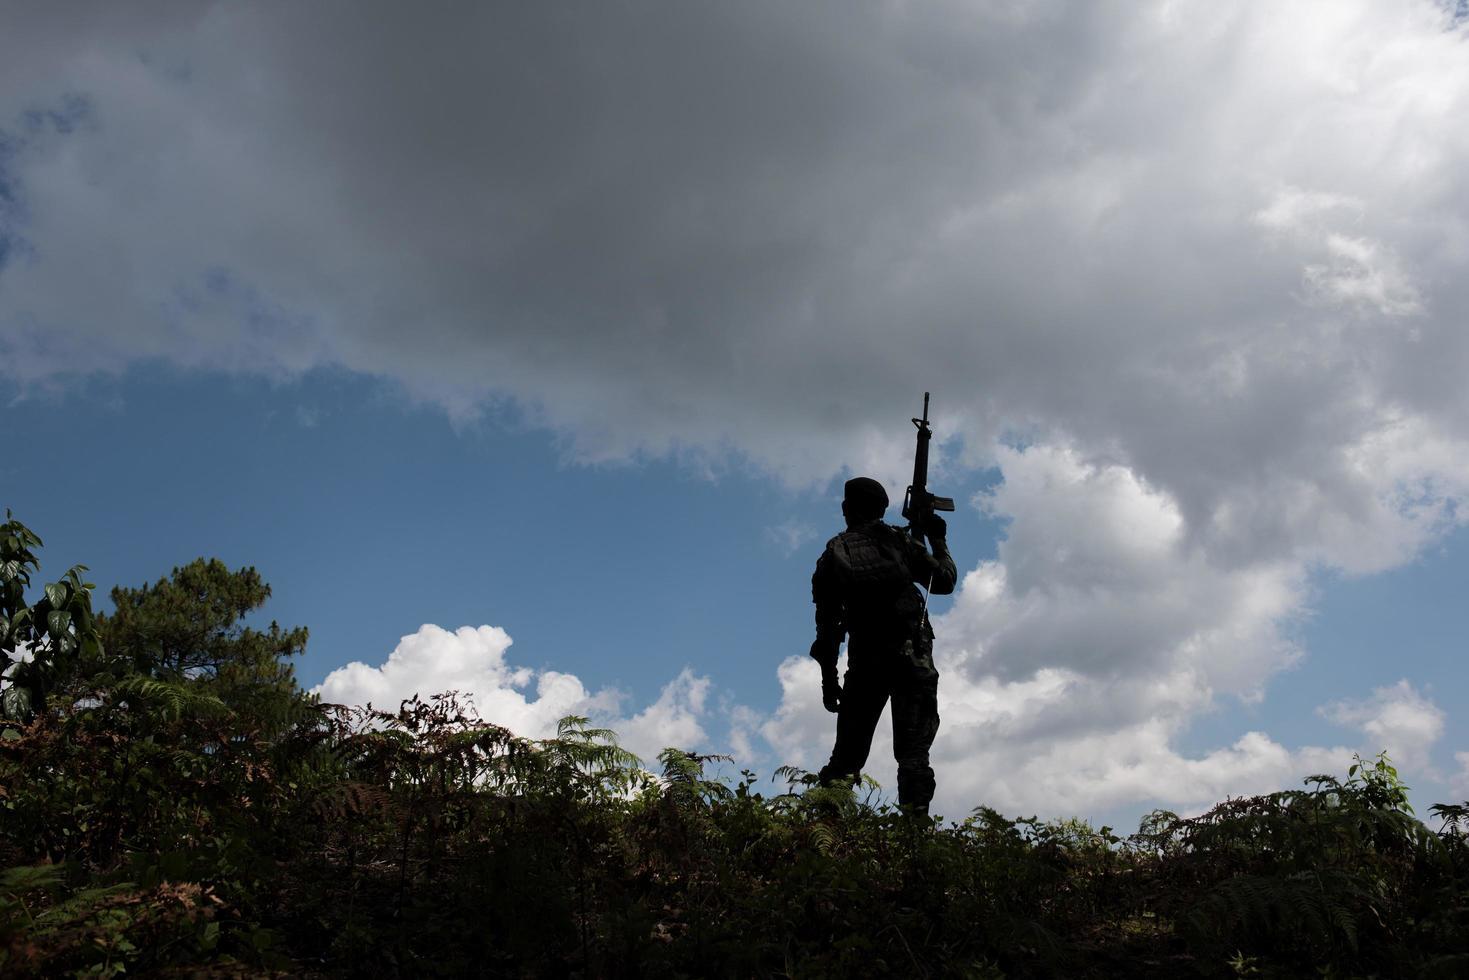 silhouettes militaires de soldats avec arme prête photo